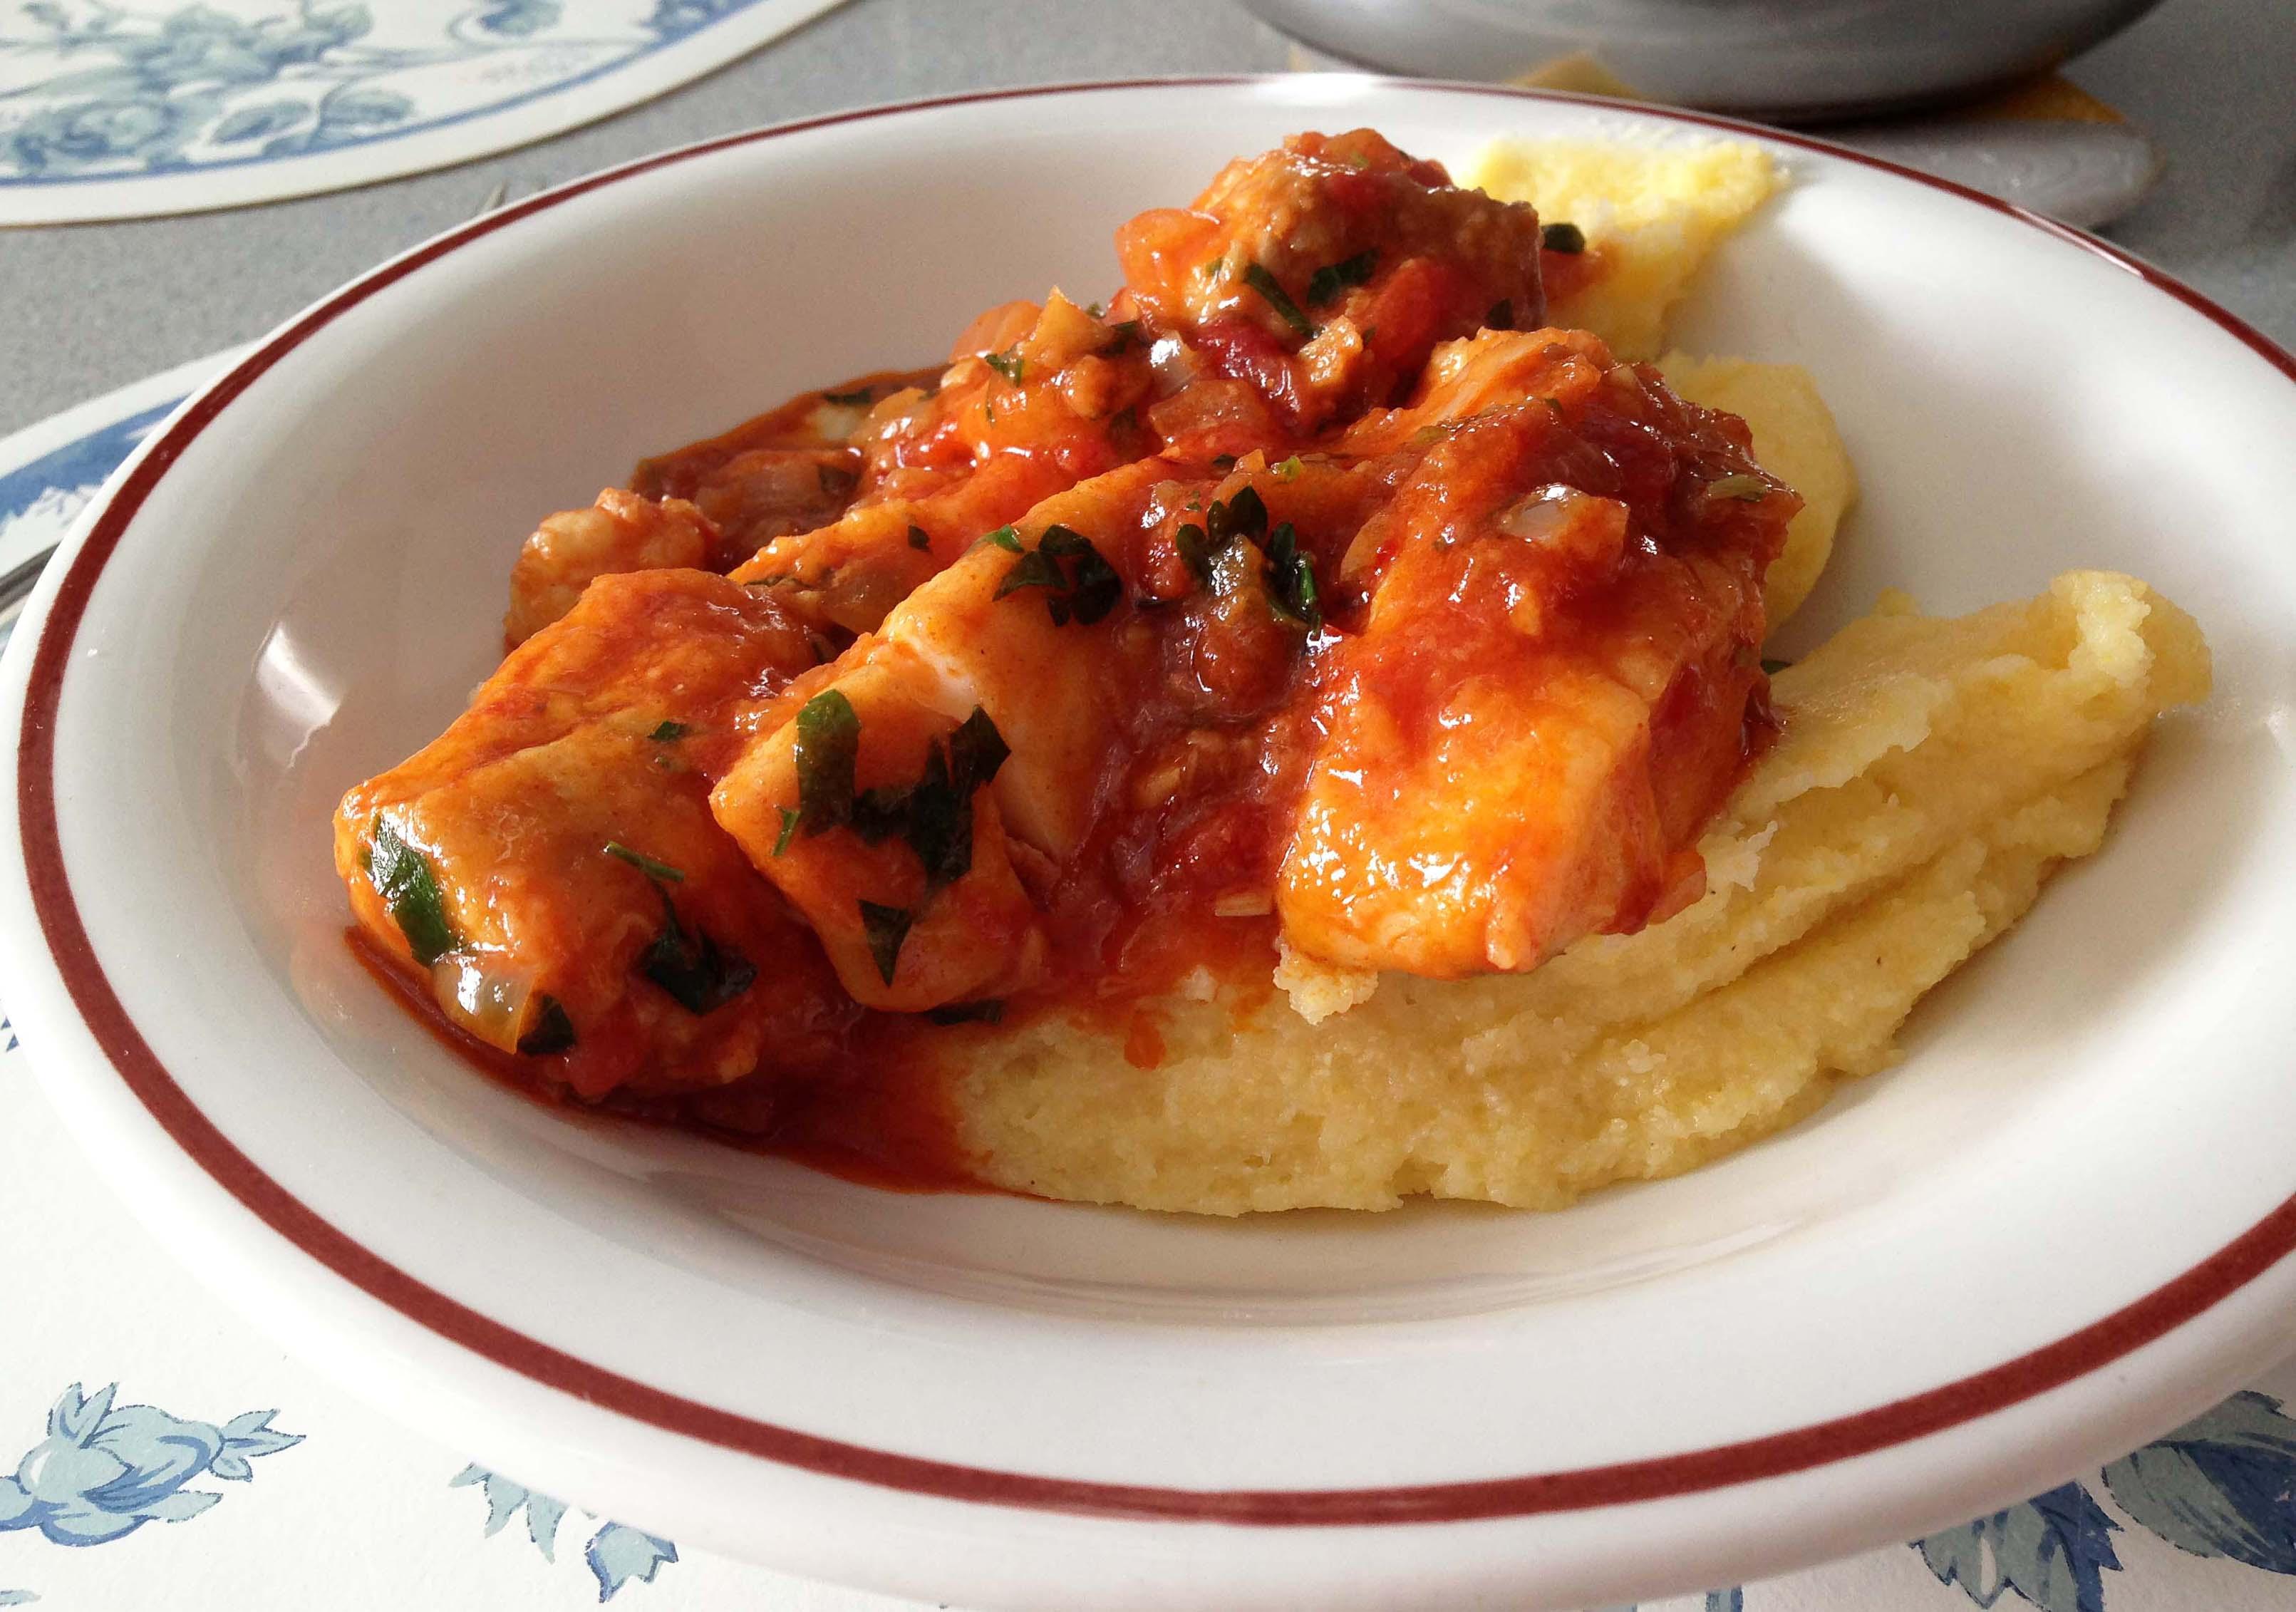 Brodetto di pesce – Italian fish stew with polenta